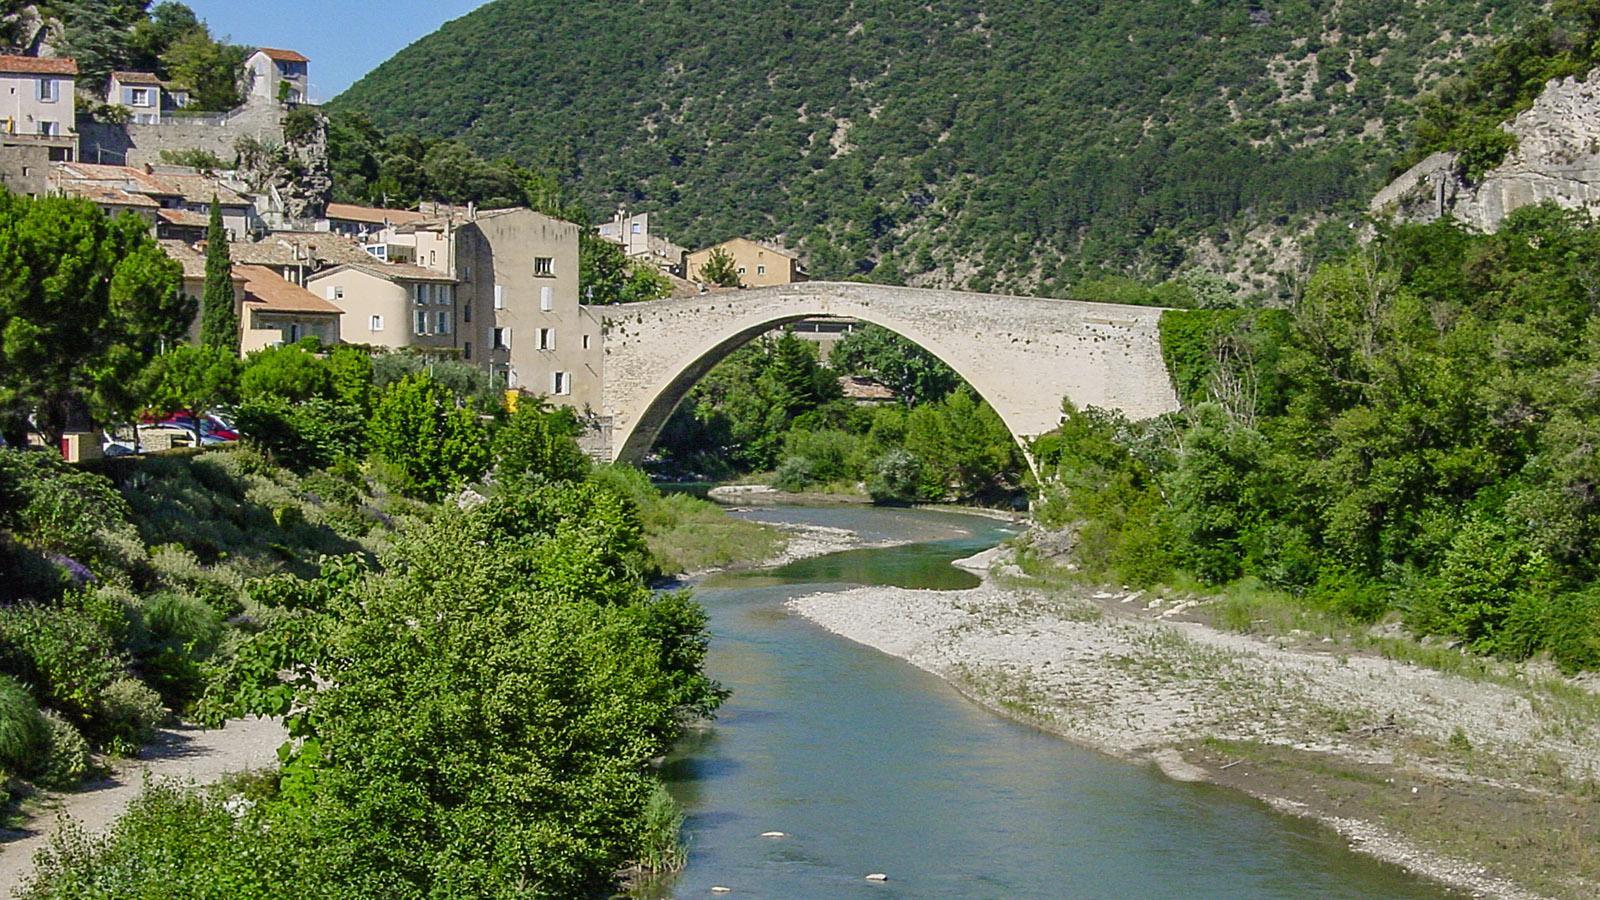 Blick auf Nyons mit seiner Steinbrücke über den Eygues im Hochsommer. Foto: Hilke Maunder